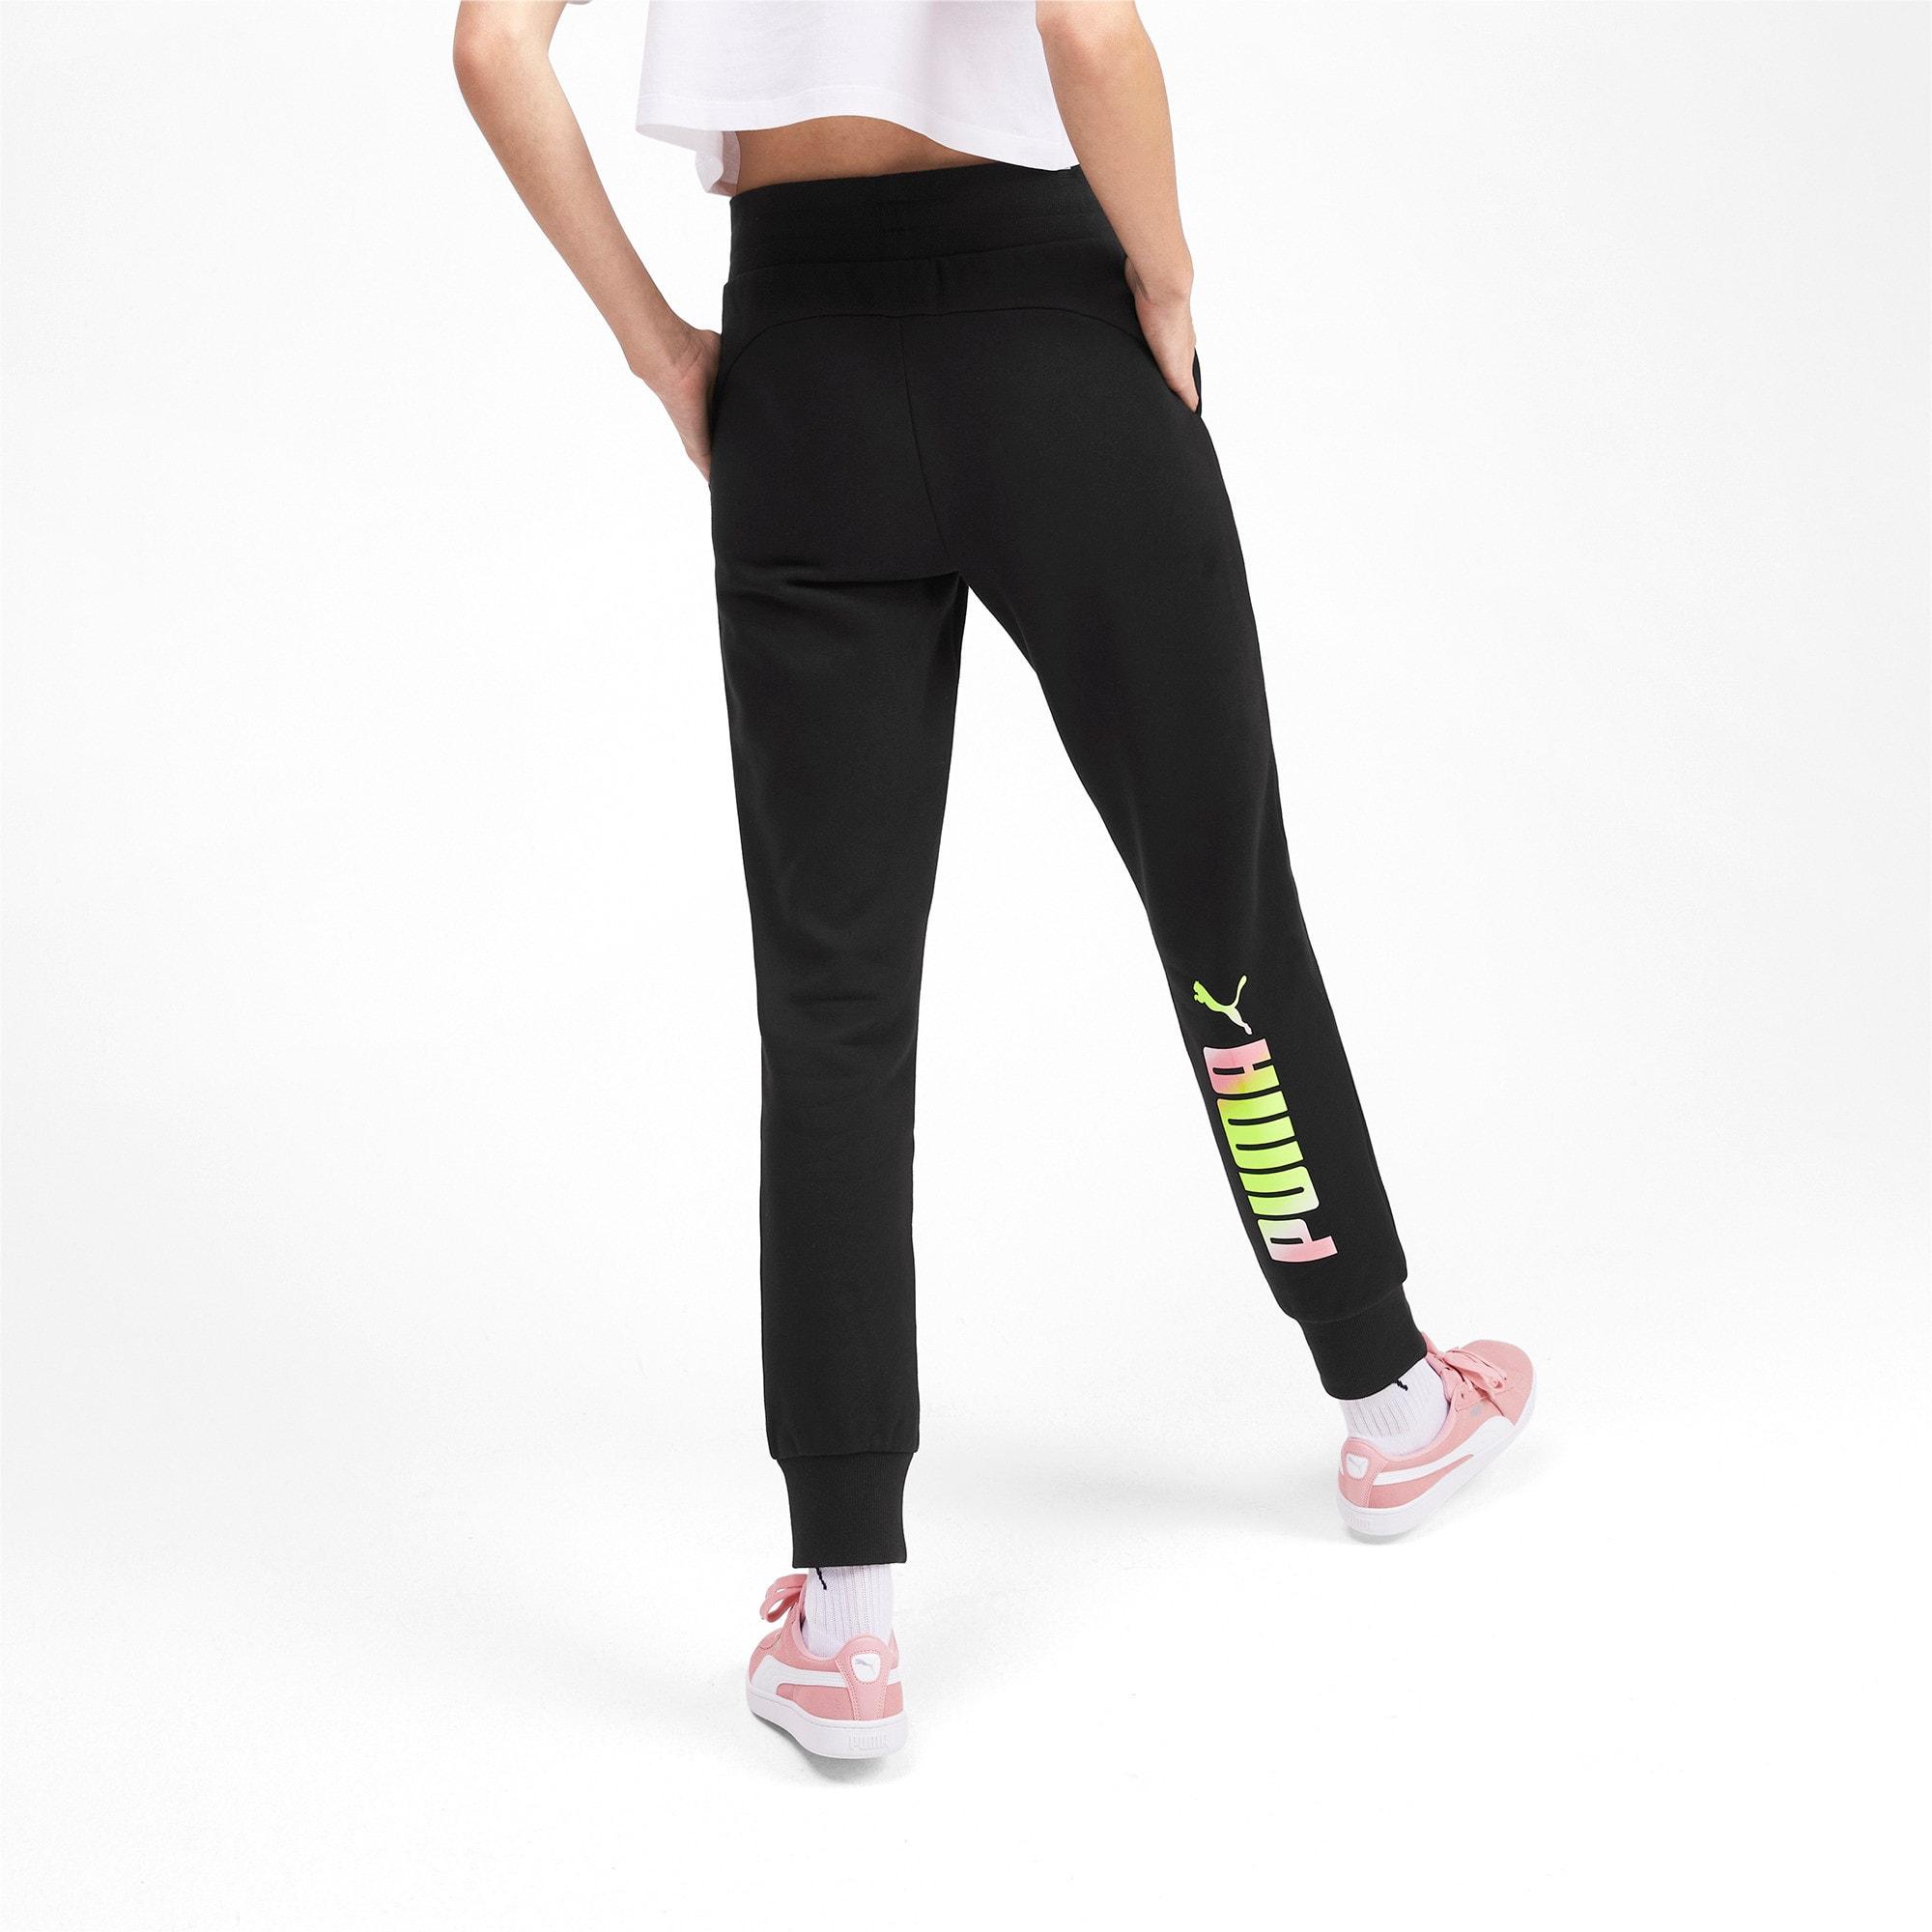 comprar popular f527a 1e5ed Pantalones deportivos Essentials de polar para mujer